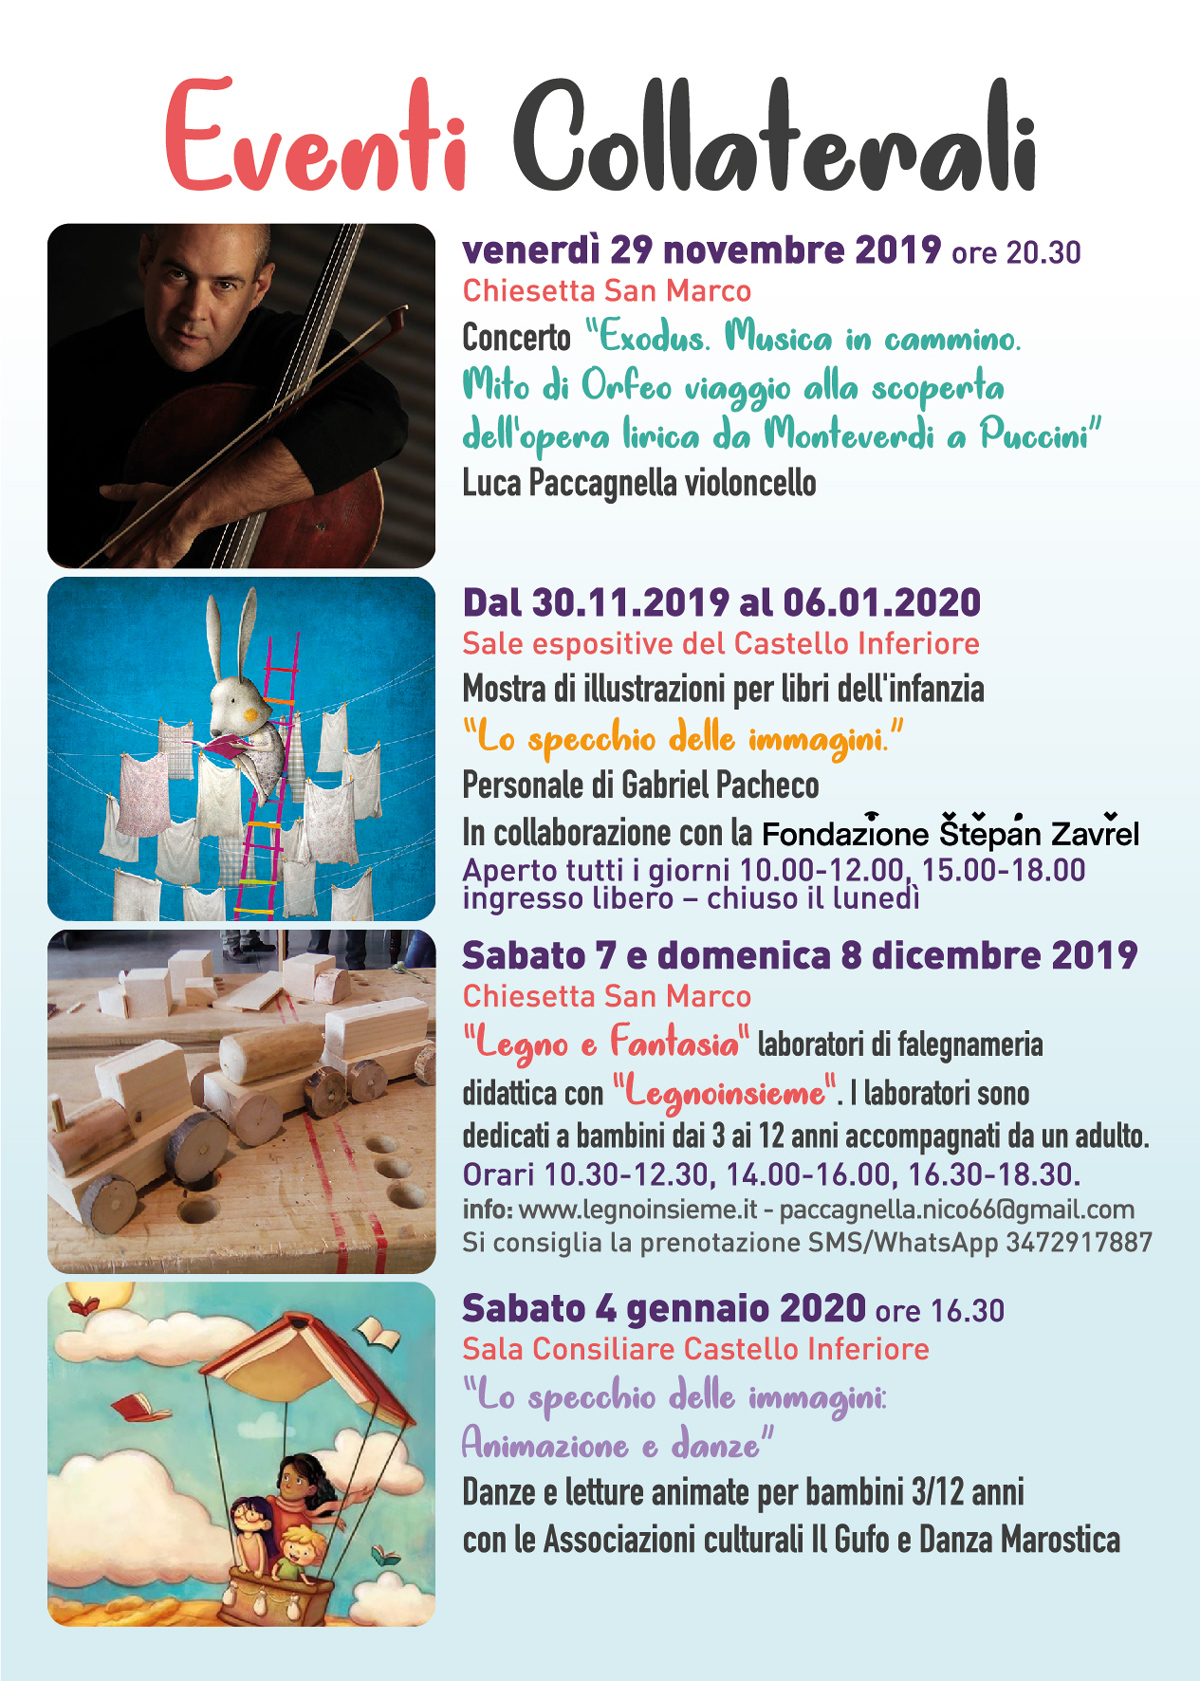 Locandina_eventi_collaterali_RETRO_Web